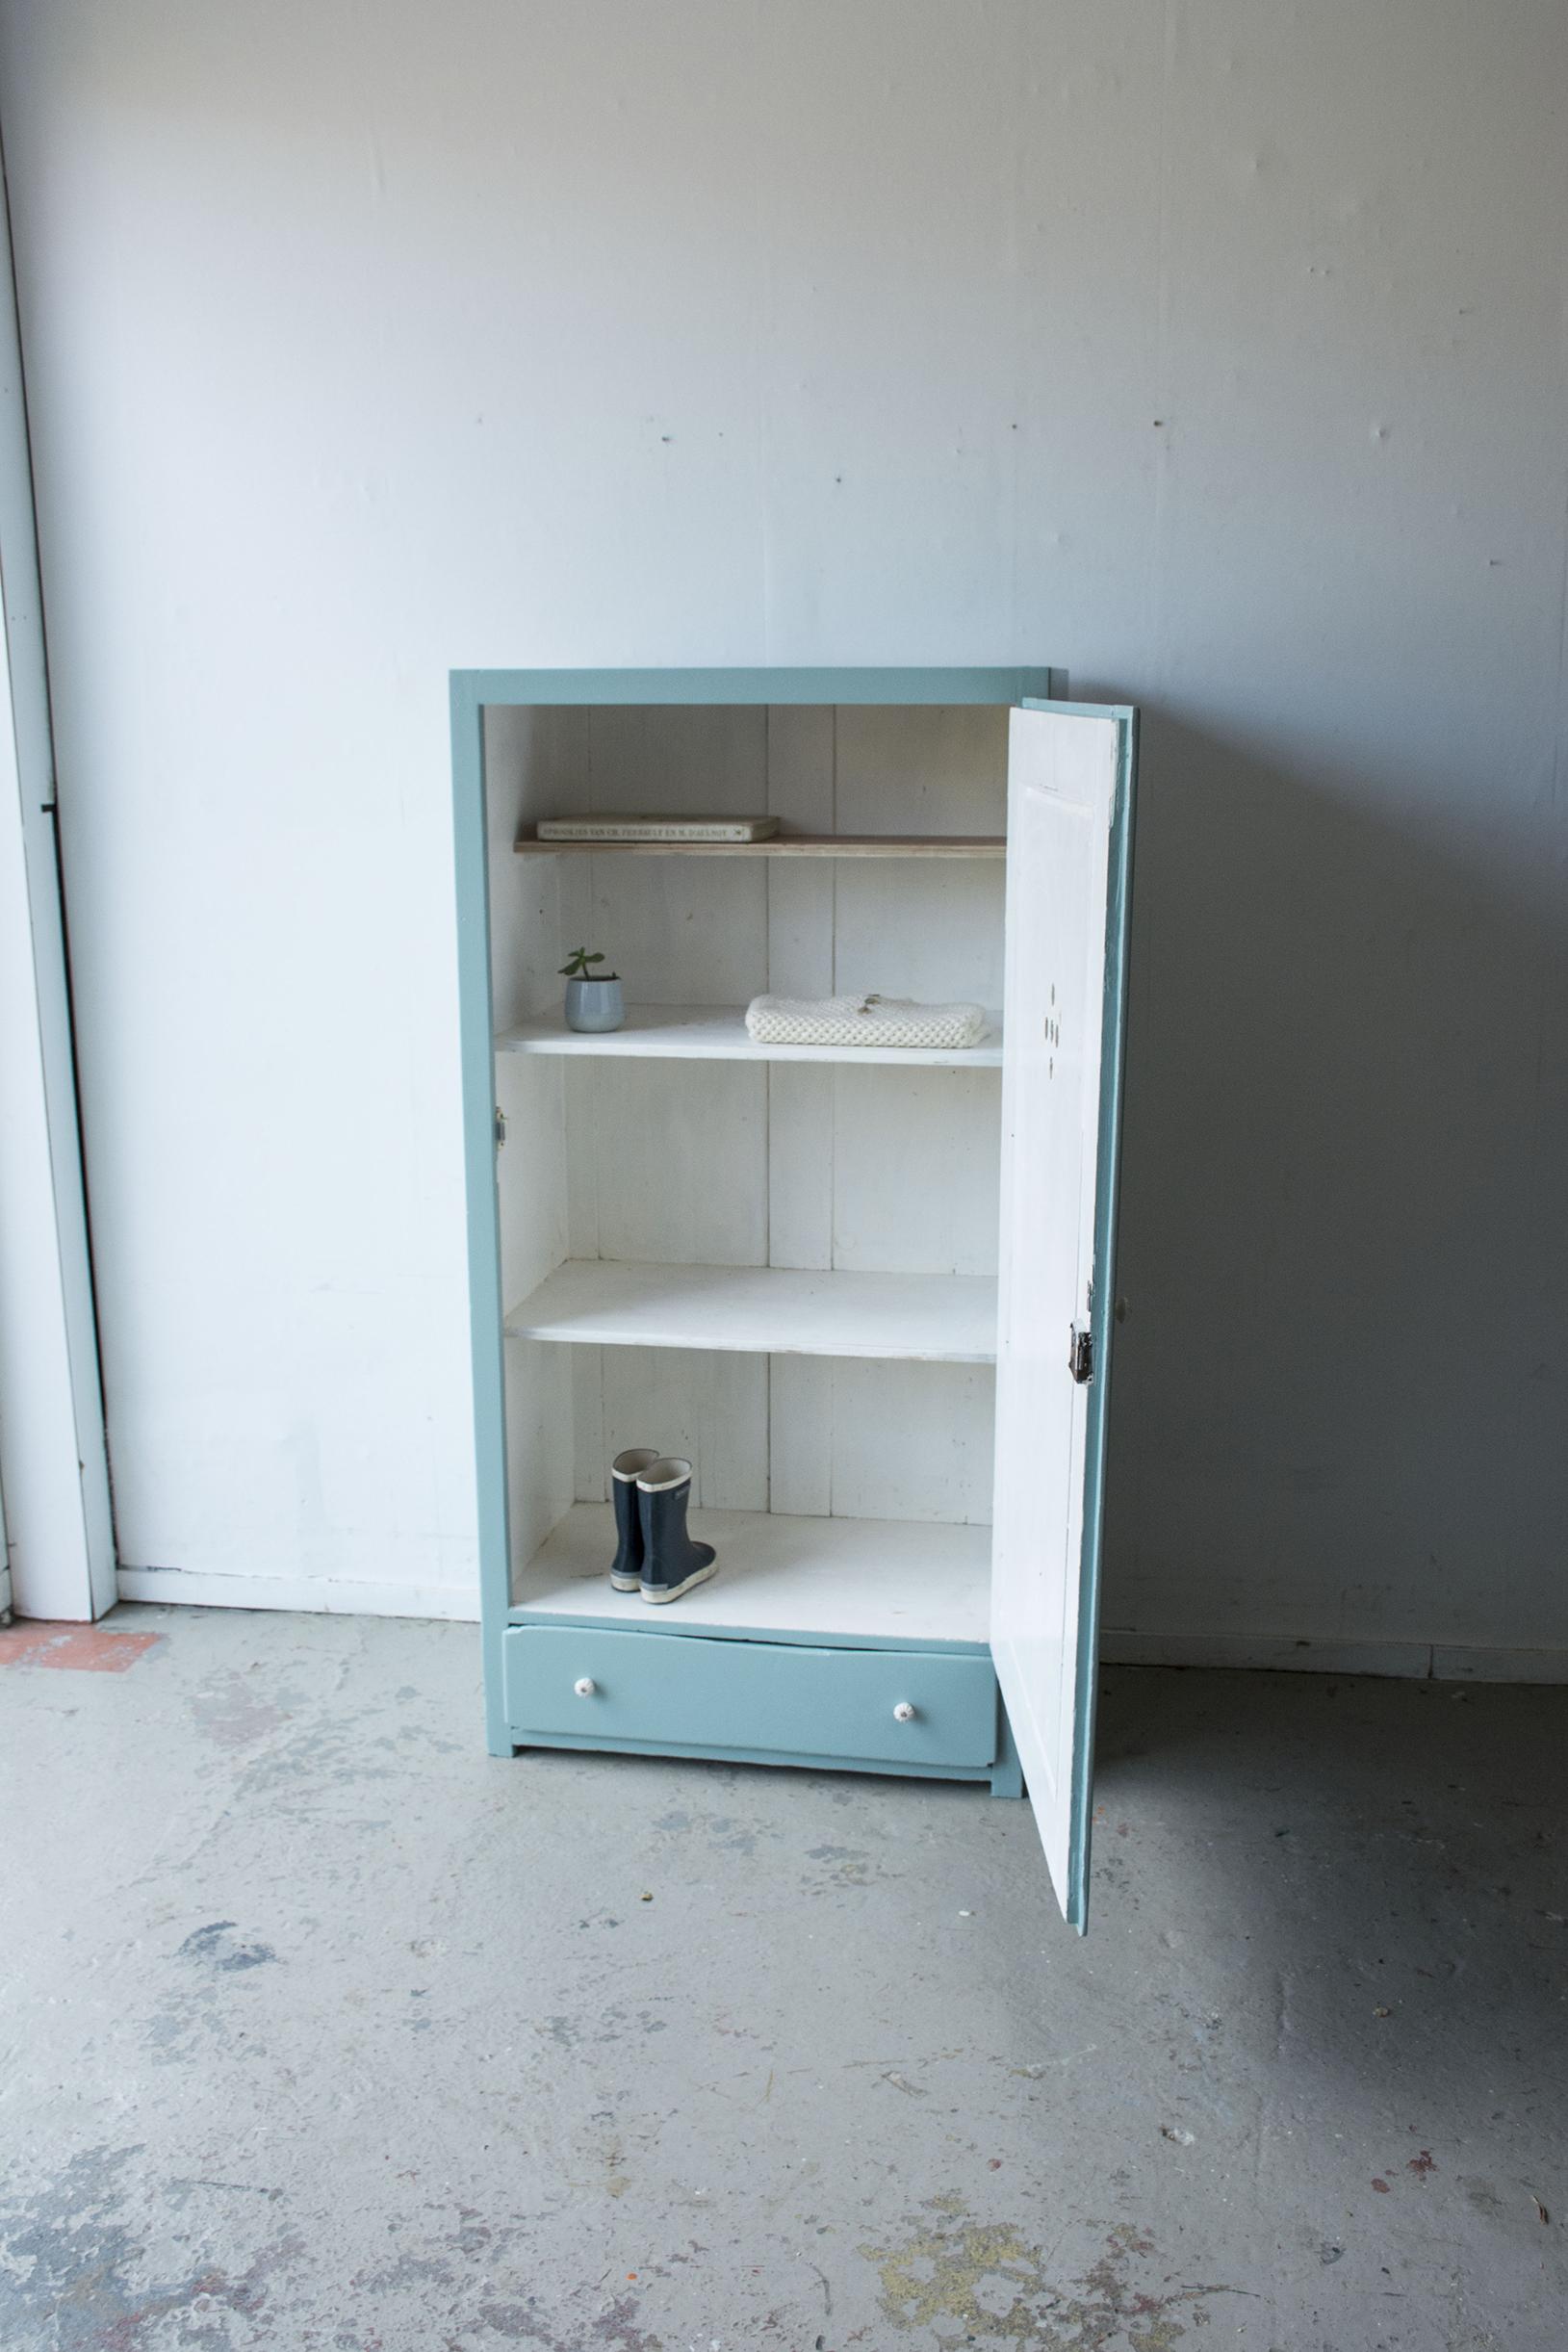 dix blue kastje van binnen  - Firma zoethout.jpg